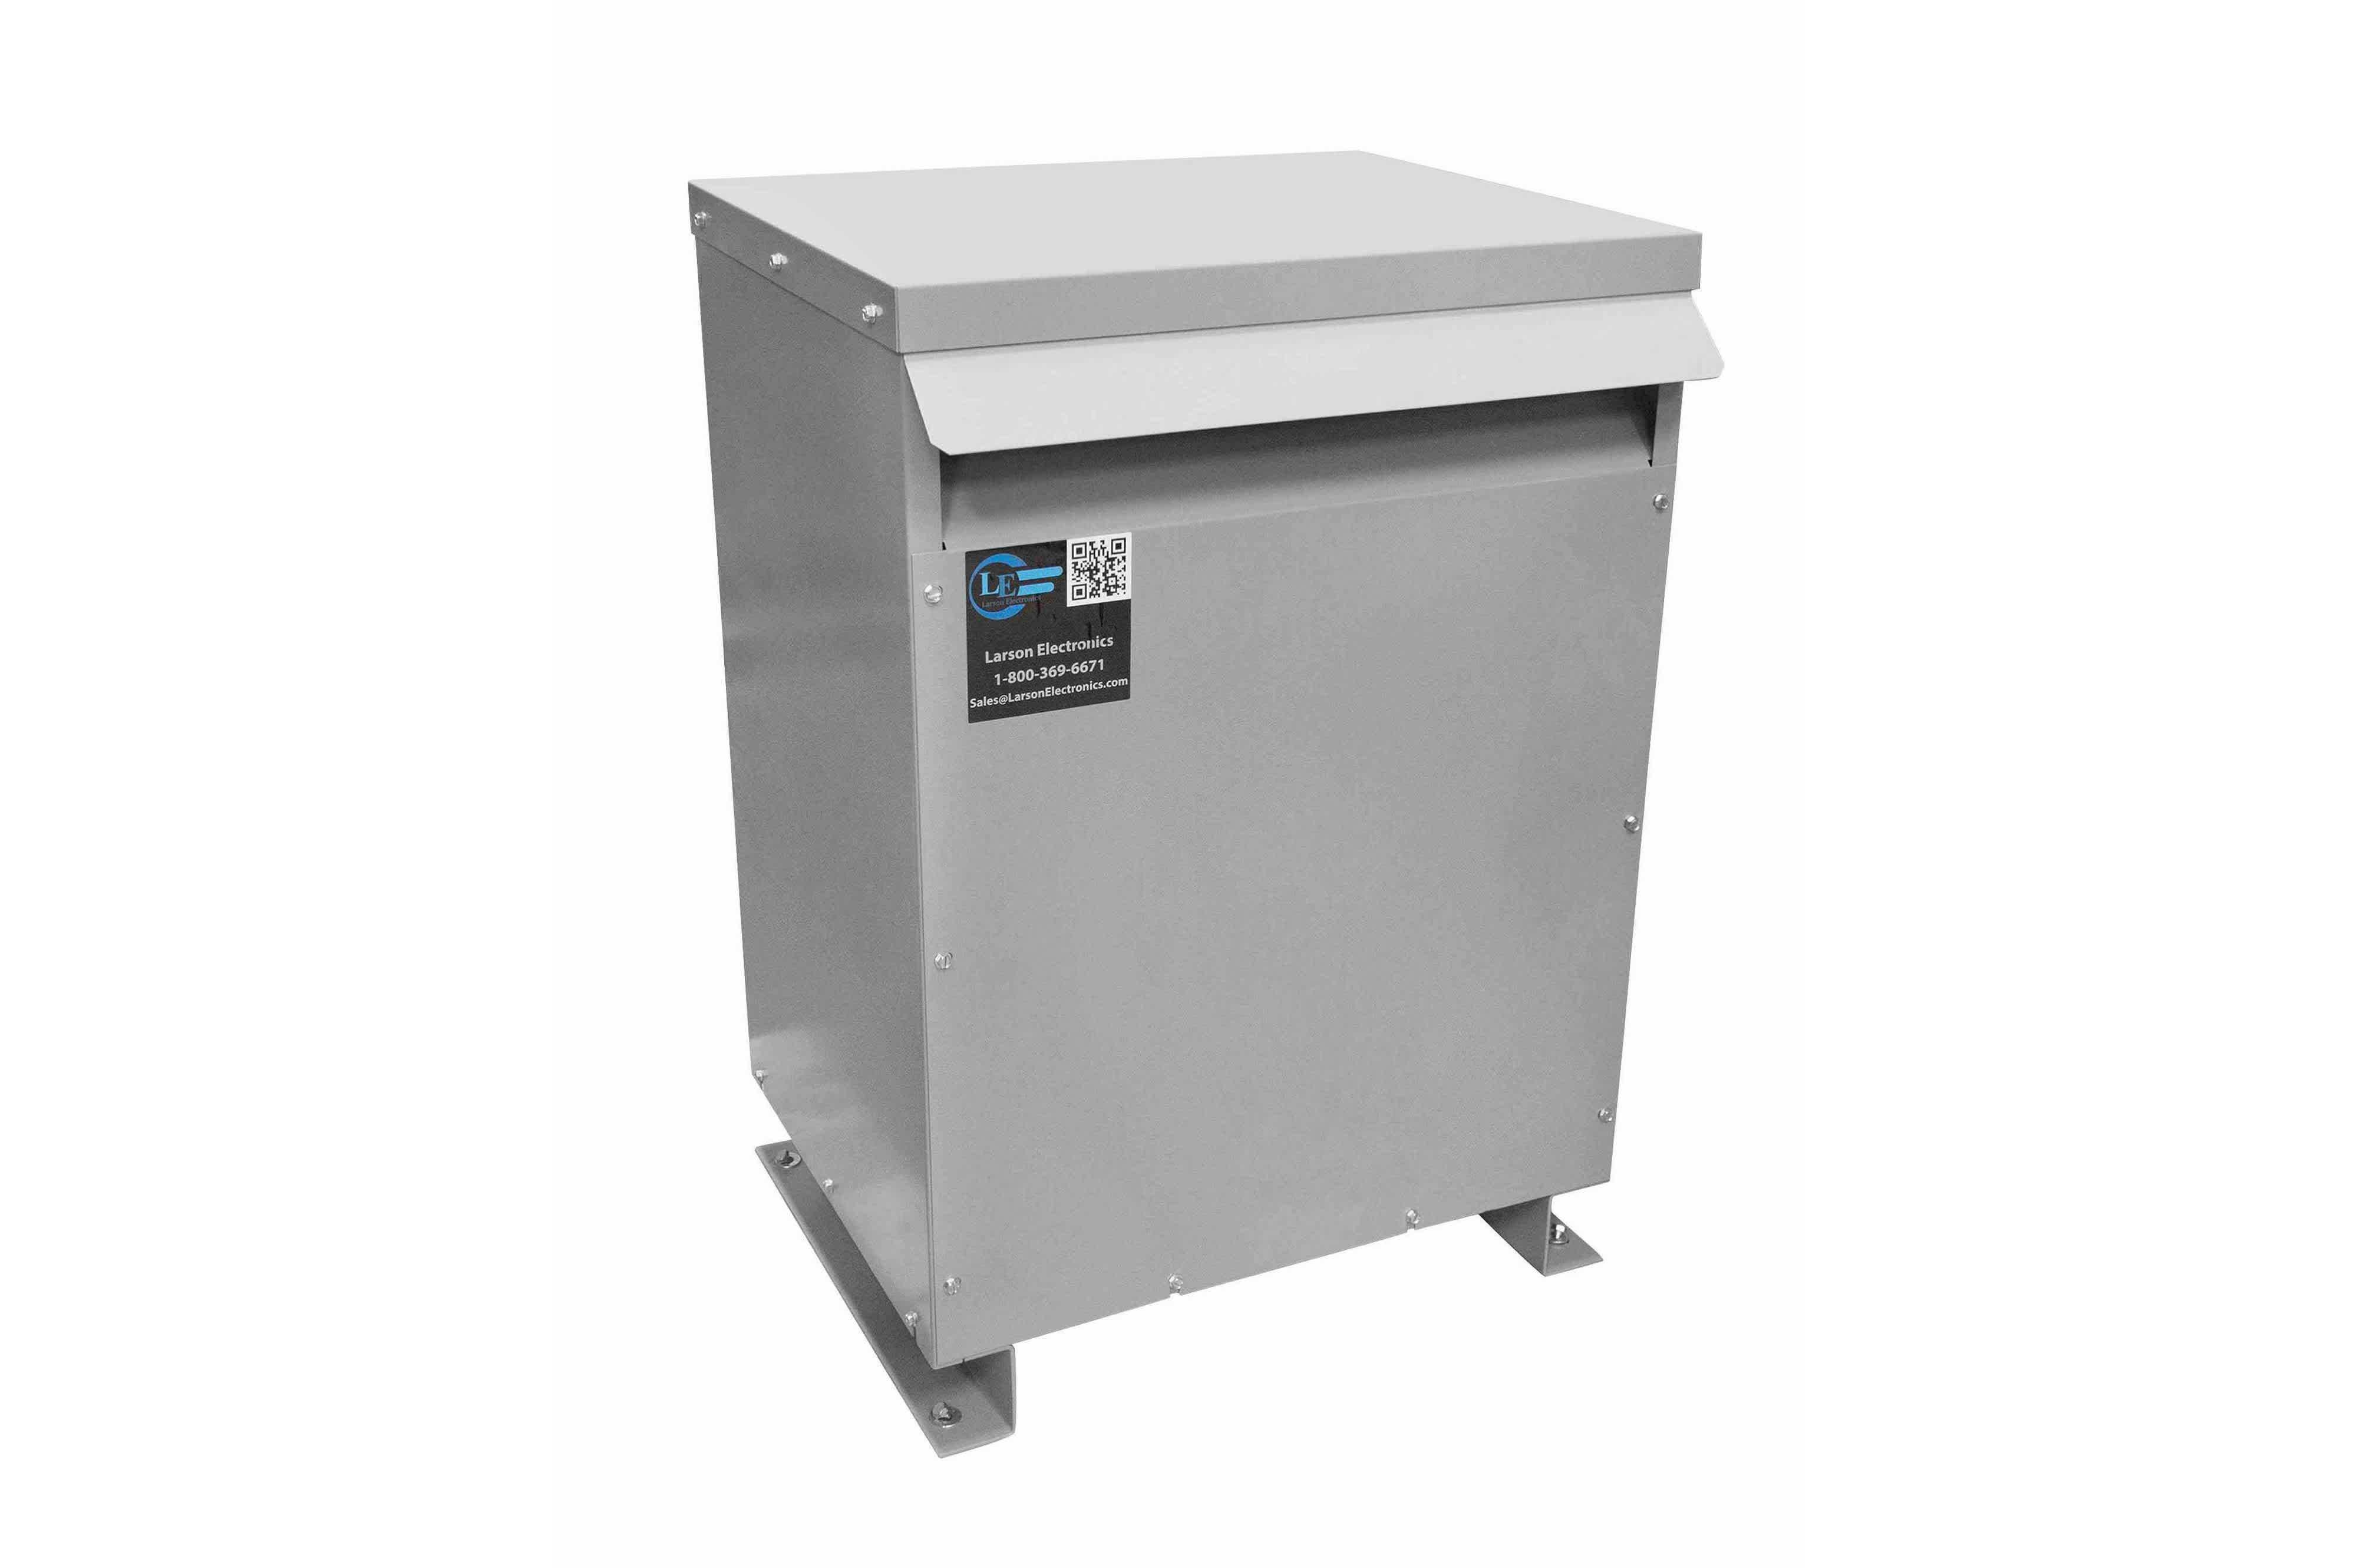 225 kVA 3PH Isolation Transformer, 380V Delta Primary, 208V Delta Secondary, N3R, Ventilated, 60 Hz